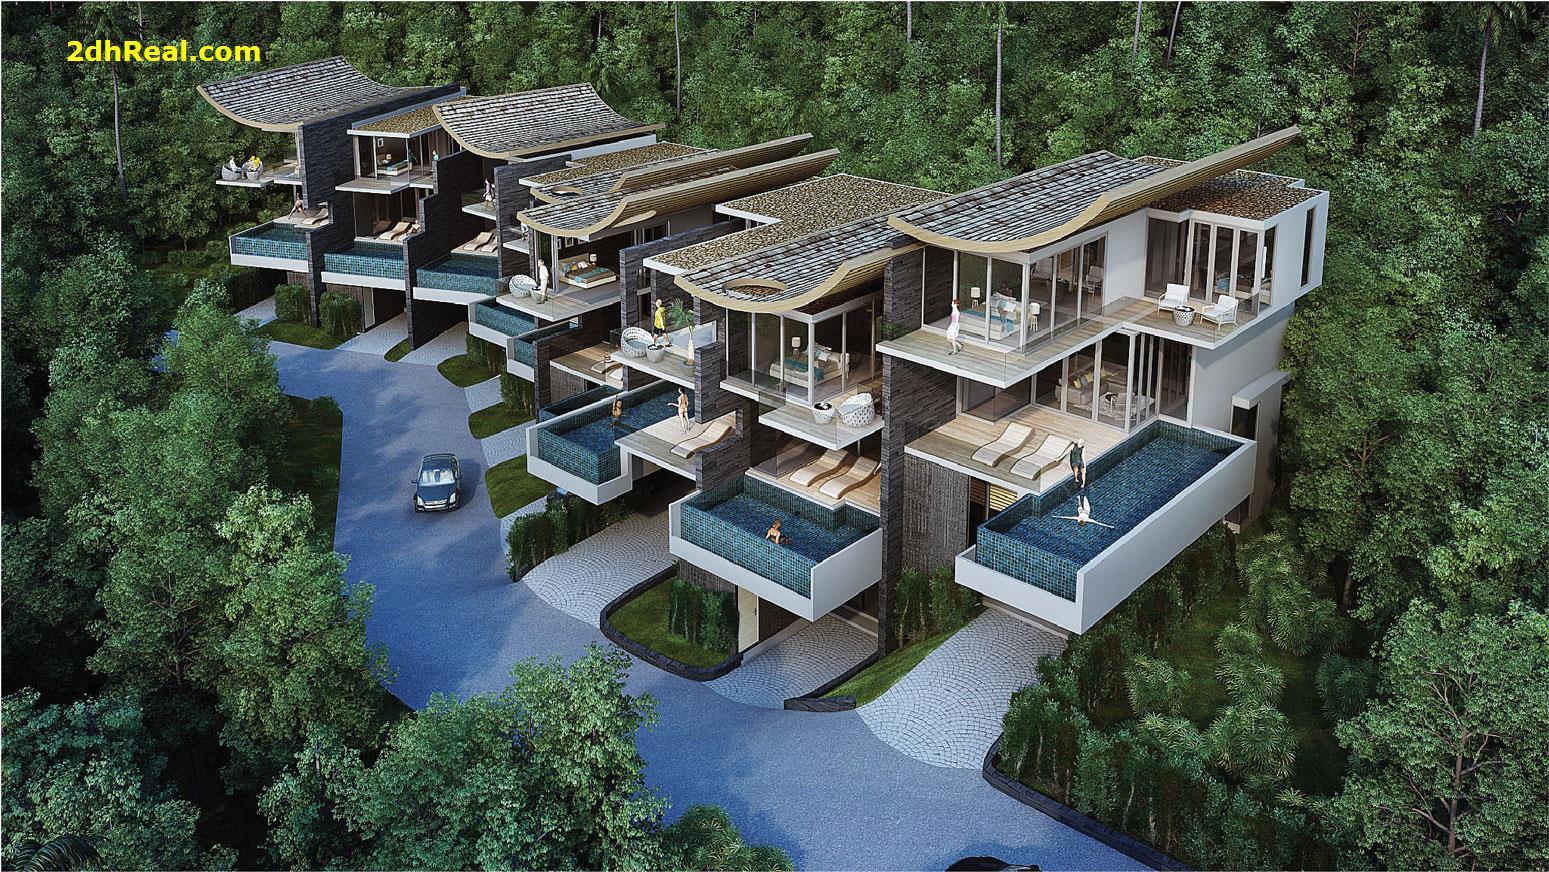 Bán khu đất số 36/70 đường D2, phường 25, quận Bình Thạnh, Tp.HCM